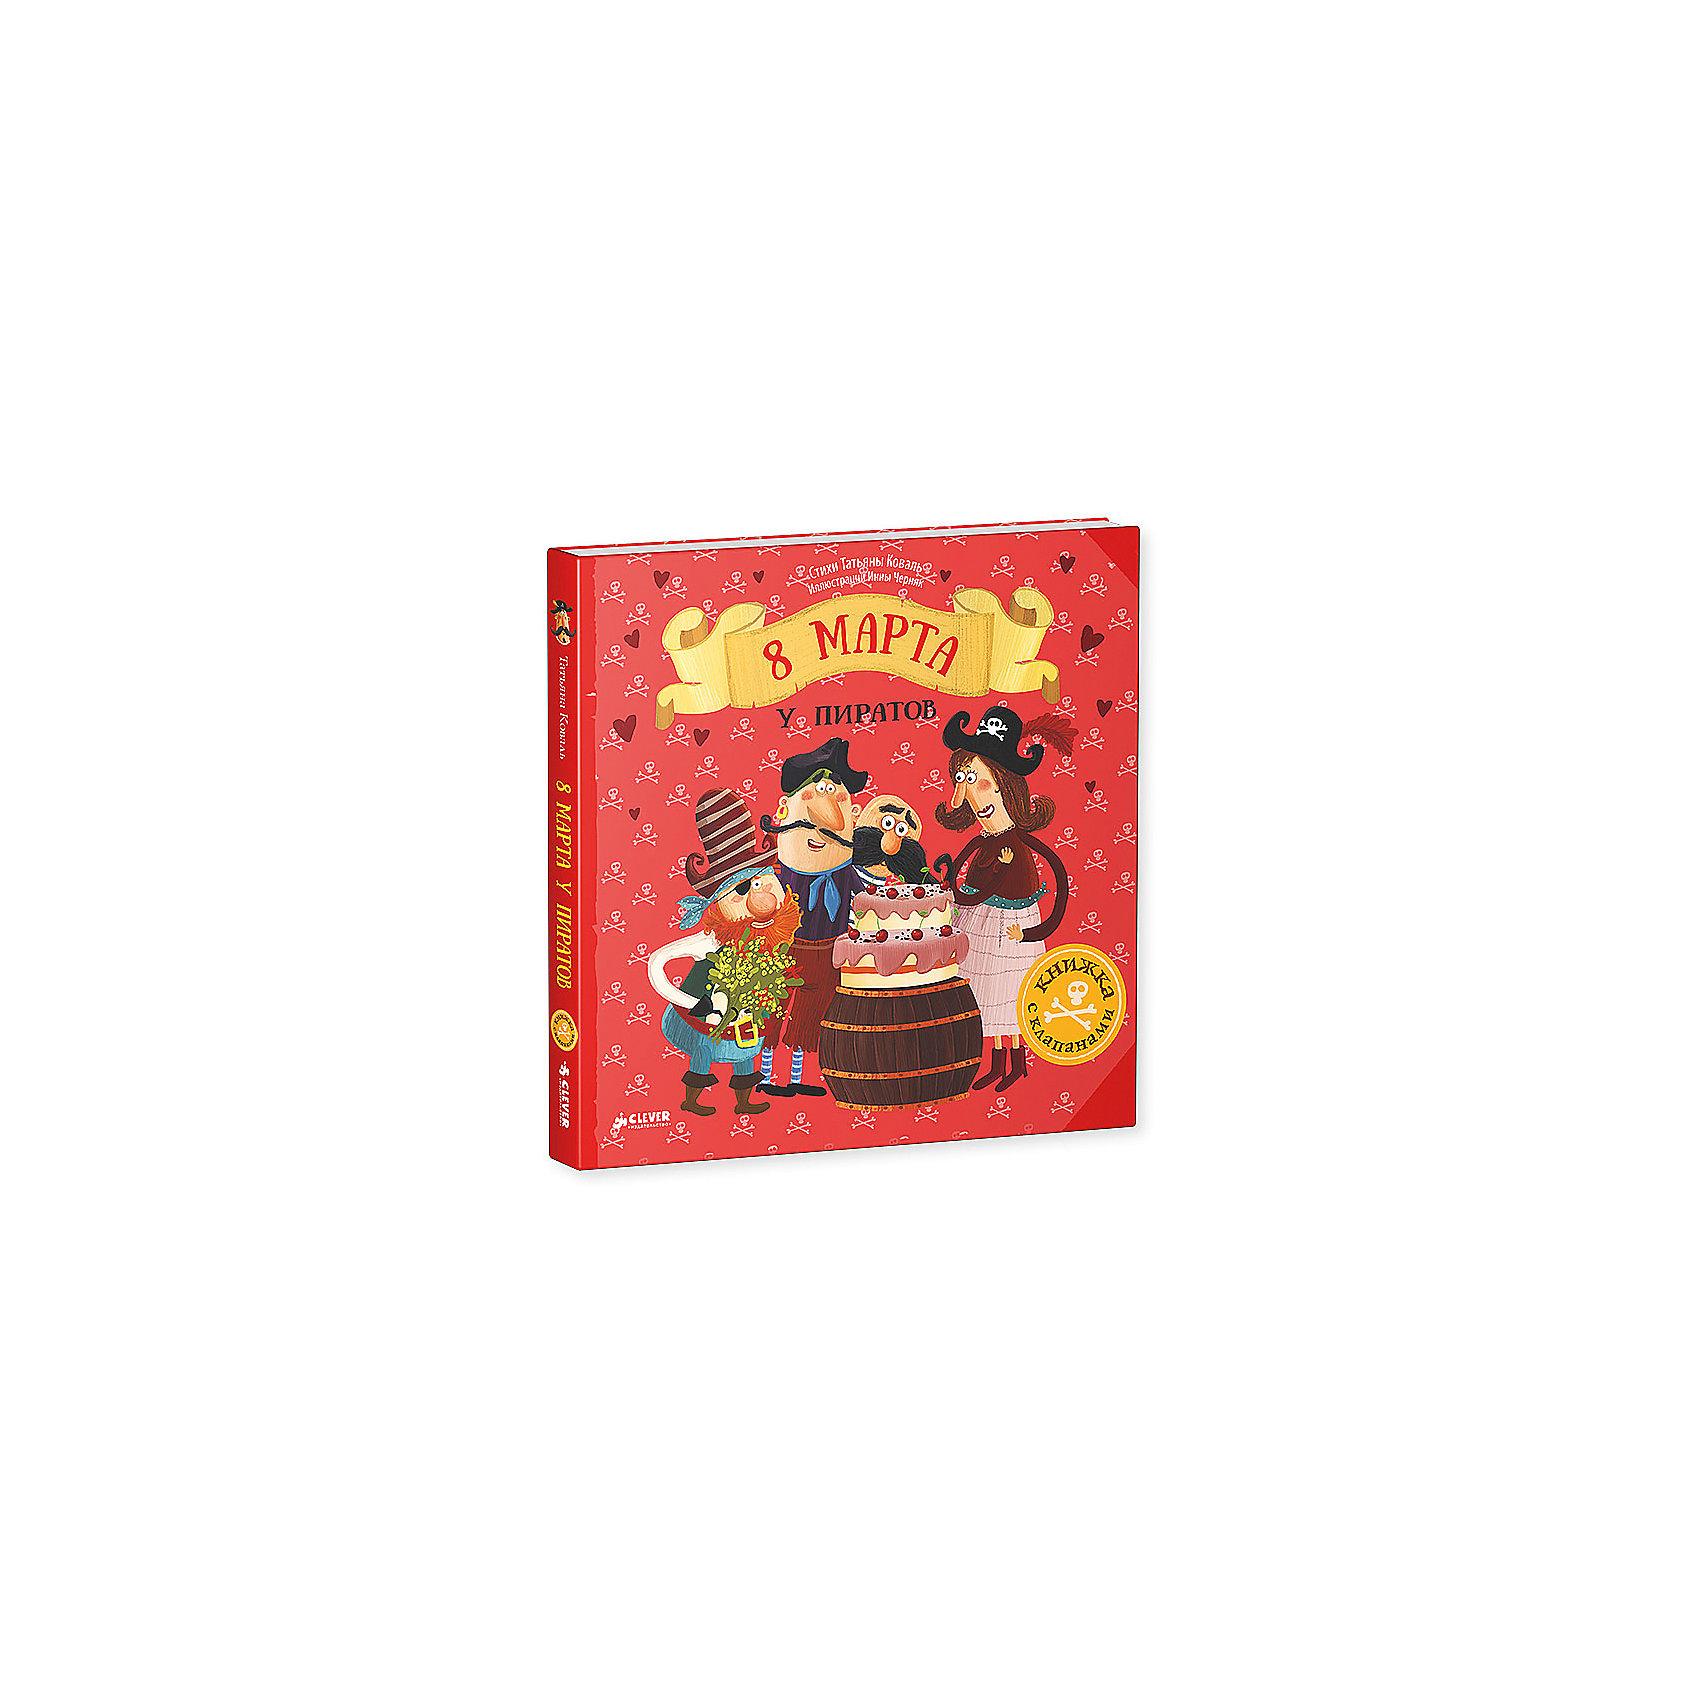 Книга 8 Марта у пиратовКнига 8 Марта у пиратов - это забавная история в стихах, которая развеселит Вашего малыша и подарит ему хорошее настроение. Однажды <br><br>Узнали пираты, что за океаном<br>Есть праздник, который им кажется странным:<br>Когда все мужчины всем бабушкам, мамам,<br>Подружкам, сестричкам - всем-всем милым дамам<br>Подарки готовят, и дарят букеты,<br>И моют посуду, и жарят котлеты.<br>И так, безо всяких особых причин, они превращаются в супермужчин! <br><br>В книжке множество красочных смешных картинок, которые хочется рассматривать во всех подробностях, и клапаны, под которыми спрятаны сюрпризы. Для детей 3-5 лет.<br><br>Дополнительная информация:<br><br>- Серия: Книжки с клапанами.<br>- Автор: Татьяна Коваль.<br>- Художник: Инна Черняк.<br>- Переплет: твердая.<br>- Иллюстрации: цветные.<br>- Объем: 14 стр. (картон). <br>- Размер: 24,5 x 24,5 x 1,5 см.<br>- Вес: 0,558 кг. <br><br>Книгу 8 Марта у пиратов, Клевер Медиа Групп, можно купить в нашем интернет-магазине.<br><br>Ширина мм: 240<br>Глубина мм: 240<br>Высота мм: 15<br>Вес г: 552<br>Возраст от месяцев: 48<br>Возраст до месяцев: 72<br>Пол: Унисекс<br>Возраст: Детский<br>SKU: 4544933